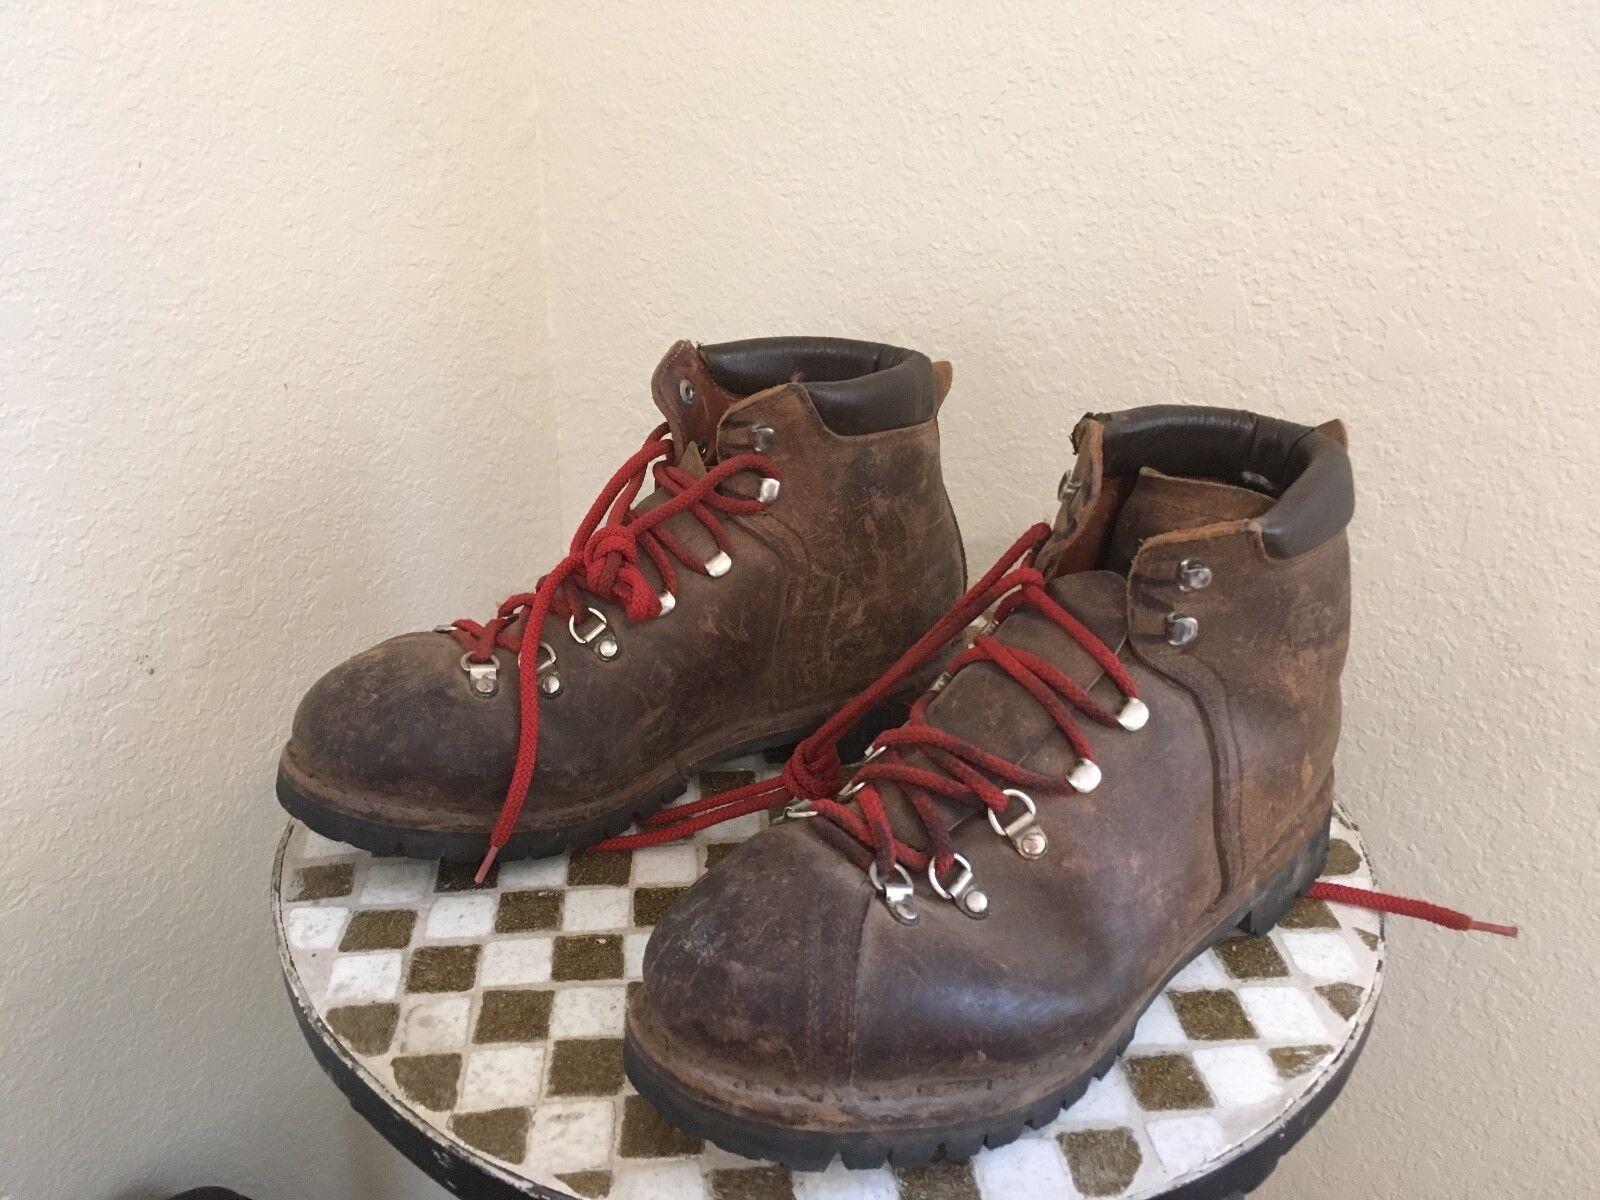 Envejecido RAICHLE Con Cordones botas Para Excursionismo vintagemountain 10 M